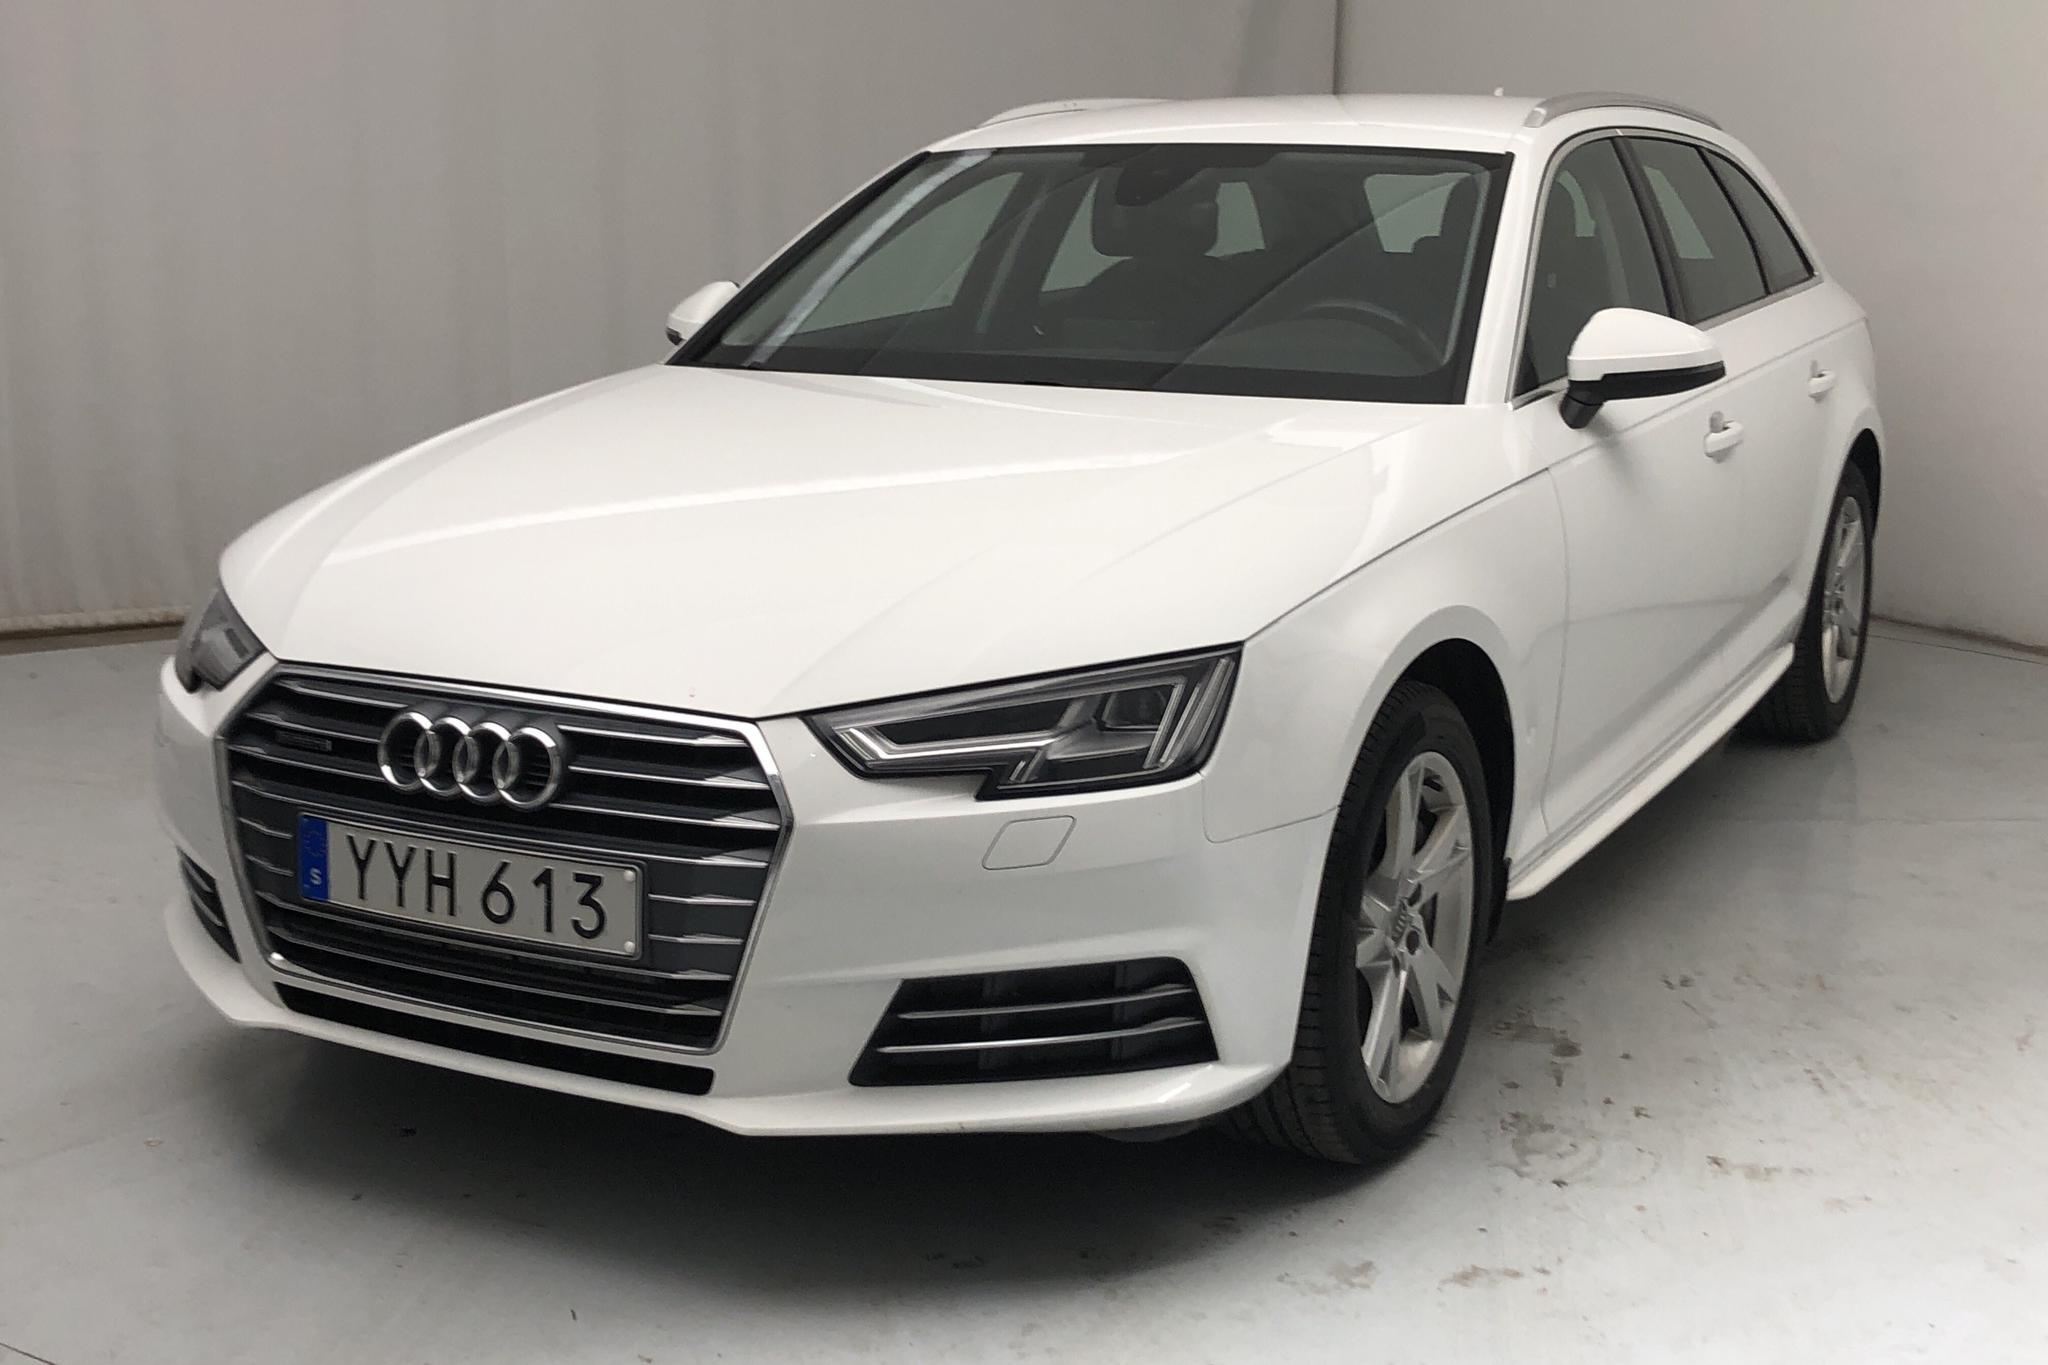 Audi A4 2.0 TDI Avant quattro (190hk) - 11 935 mil - Automat - vit - 2018